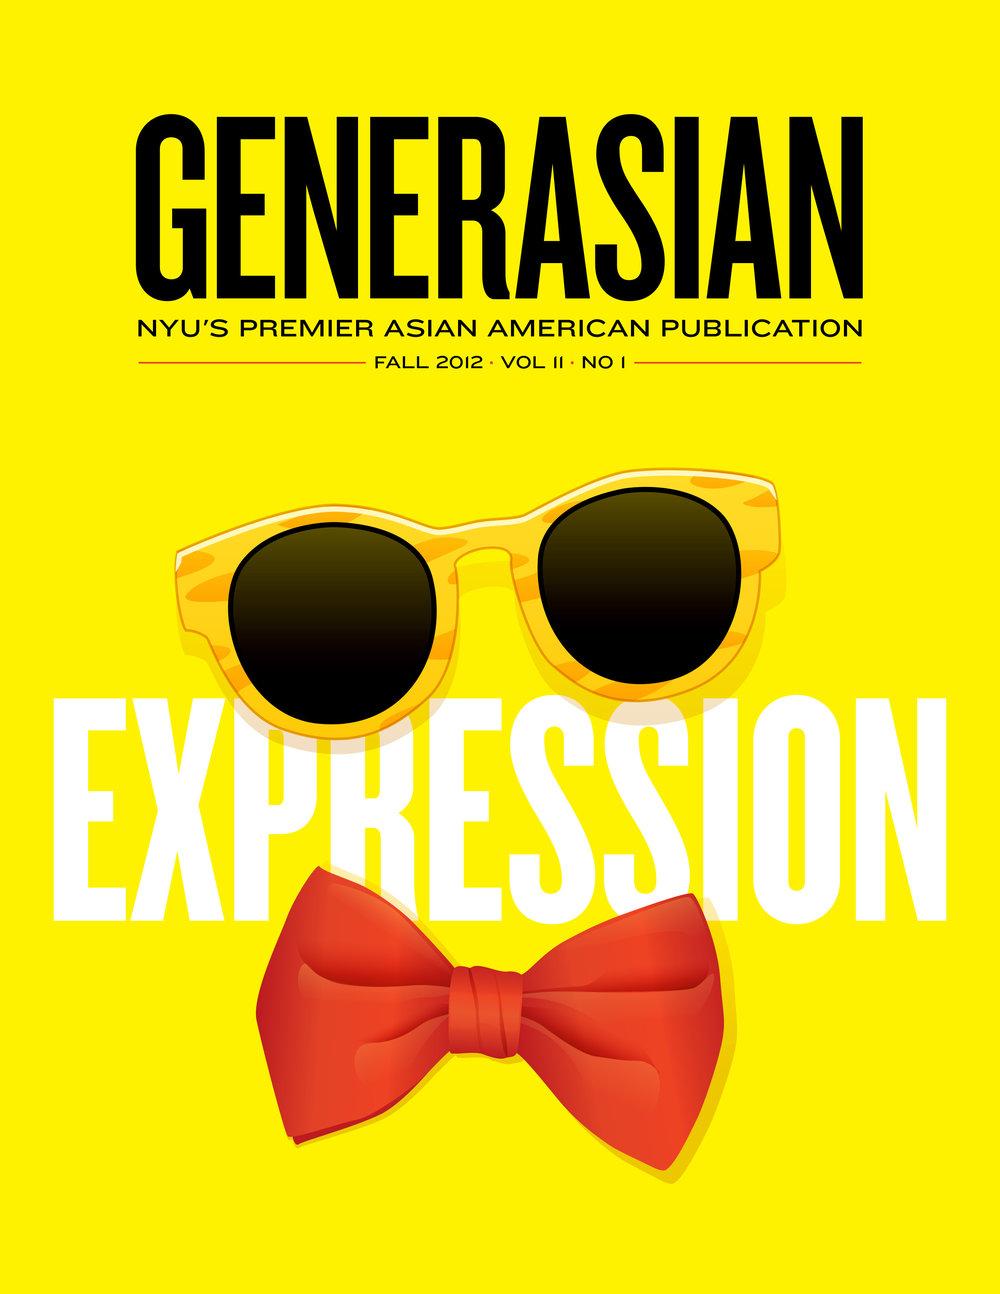 Generasian-Sample-Covers-3.jpg